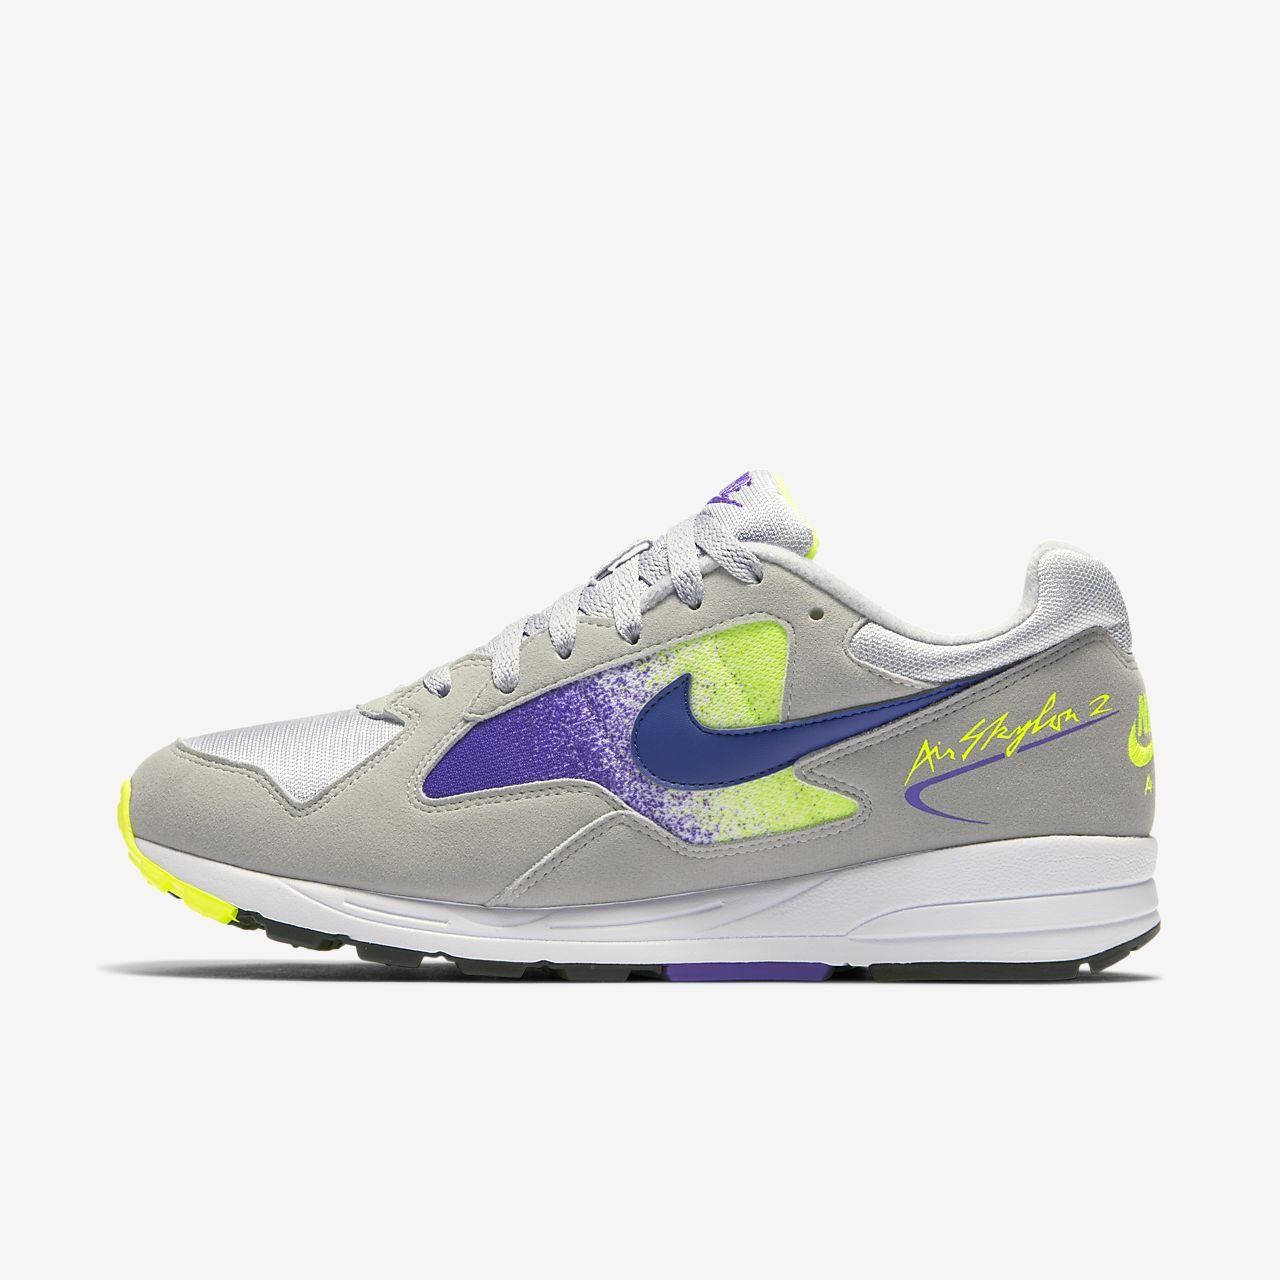 Sko Nike Air Skylon II för män